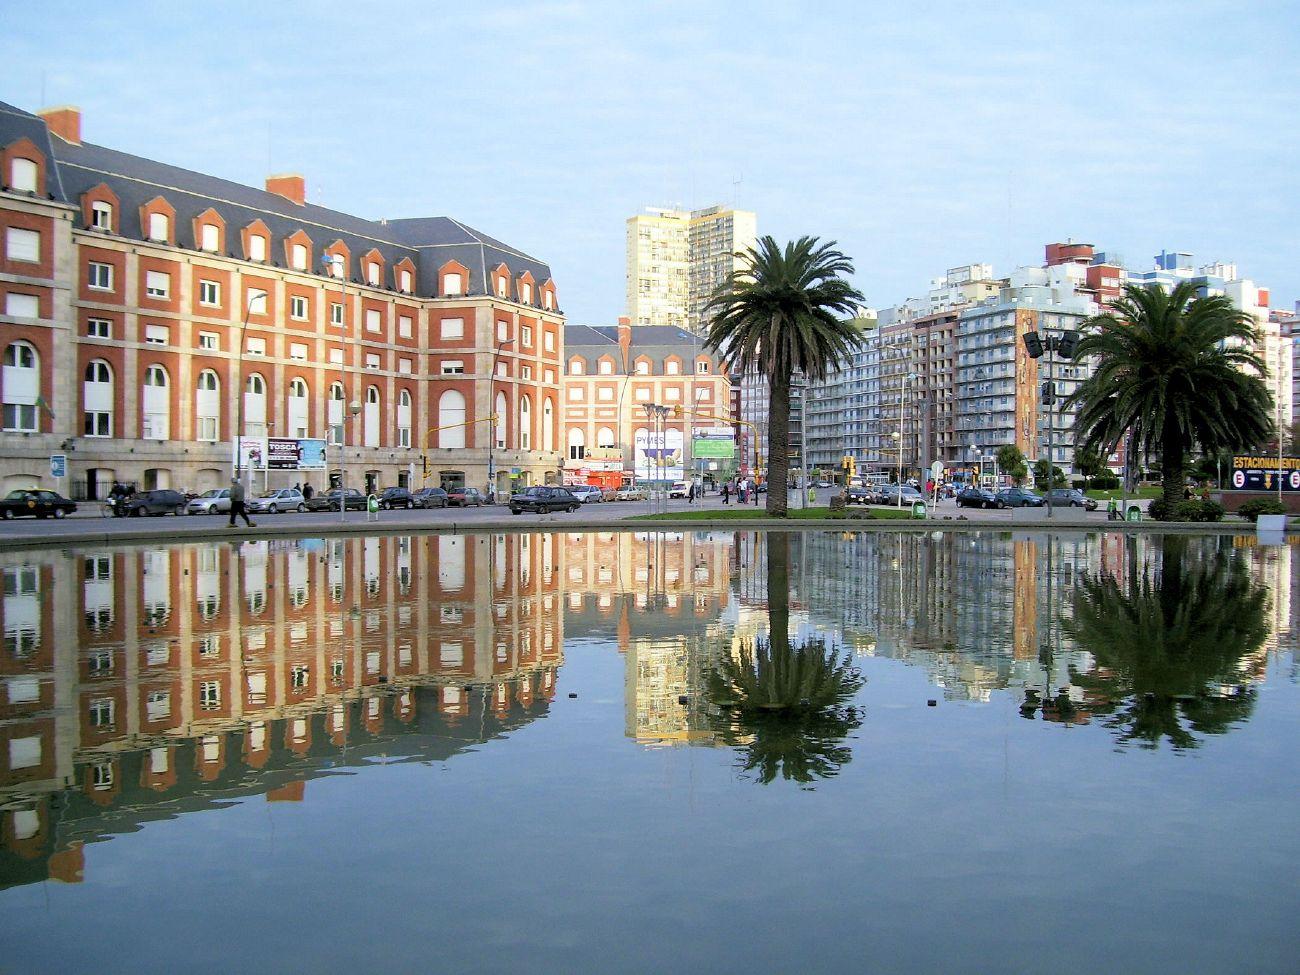 Cultura italica e glocalizzazione Mar del Plata università